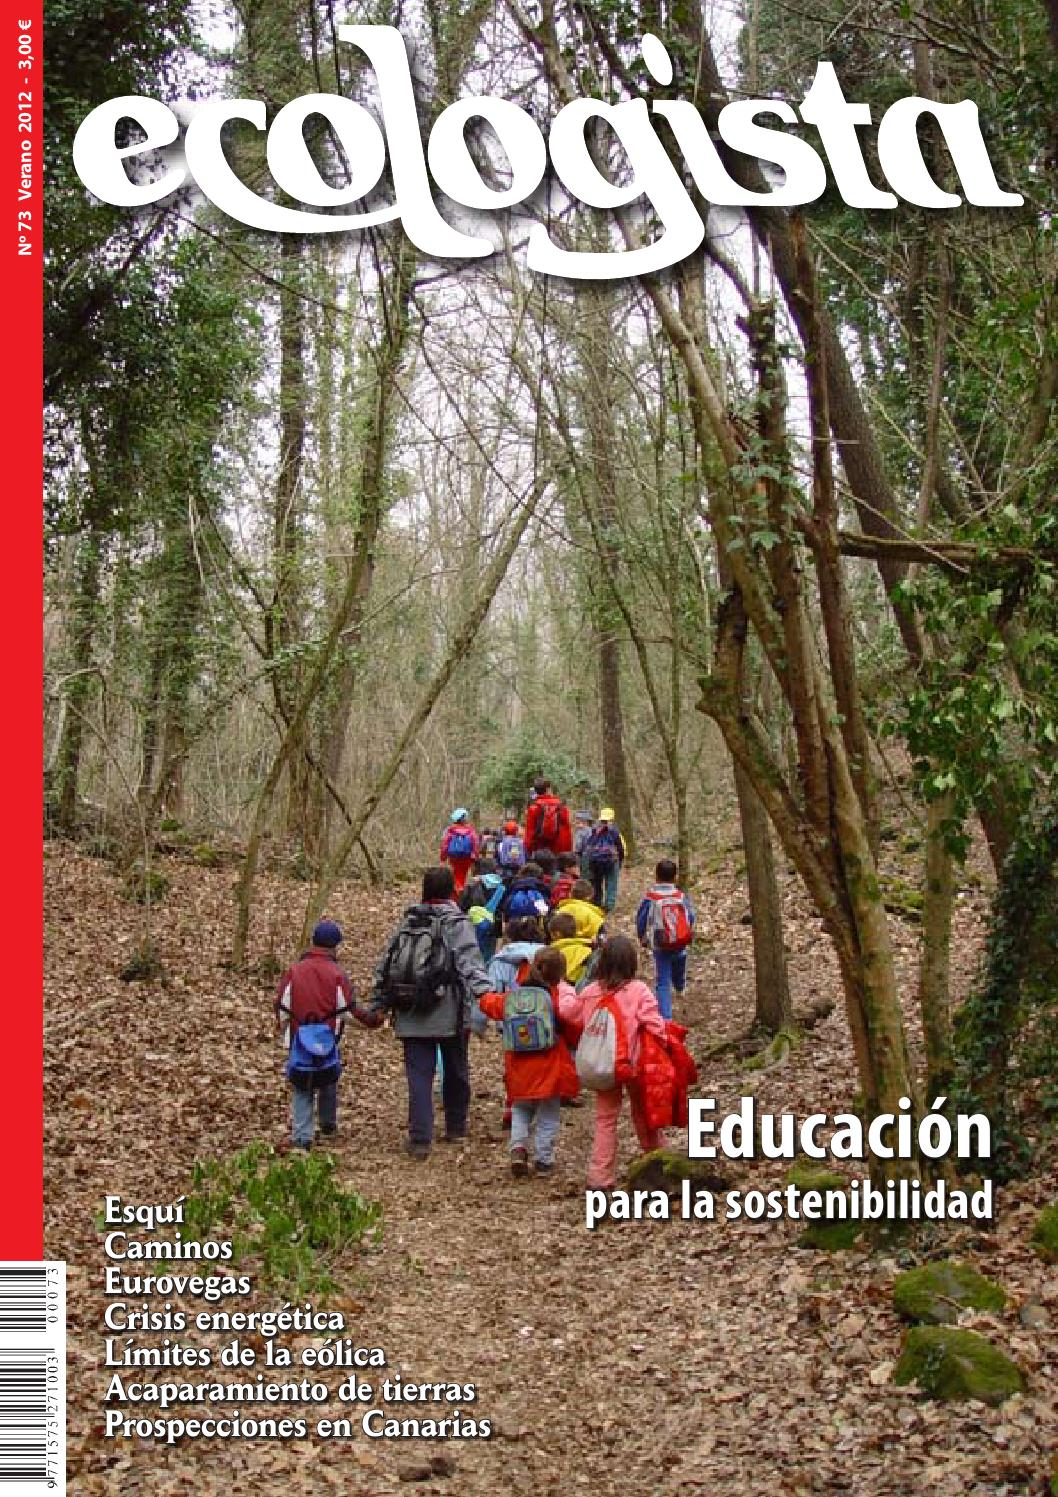 El Ecologista nº 73 by Revista El Ecologista - issuu 6610a615d85b